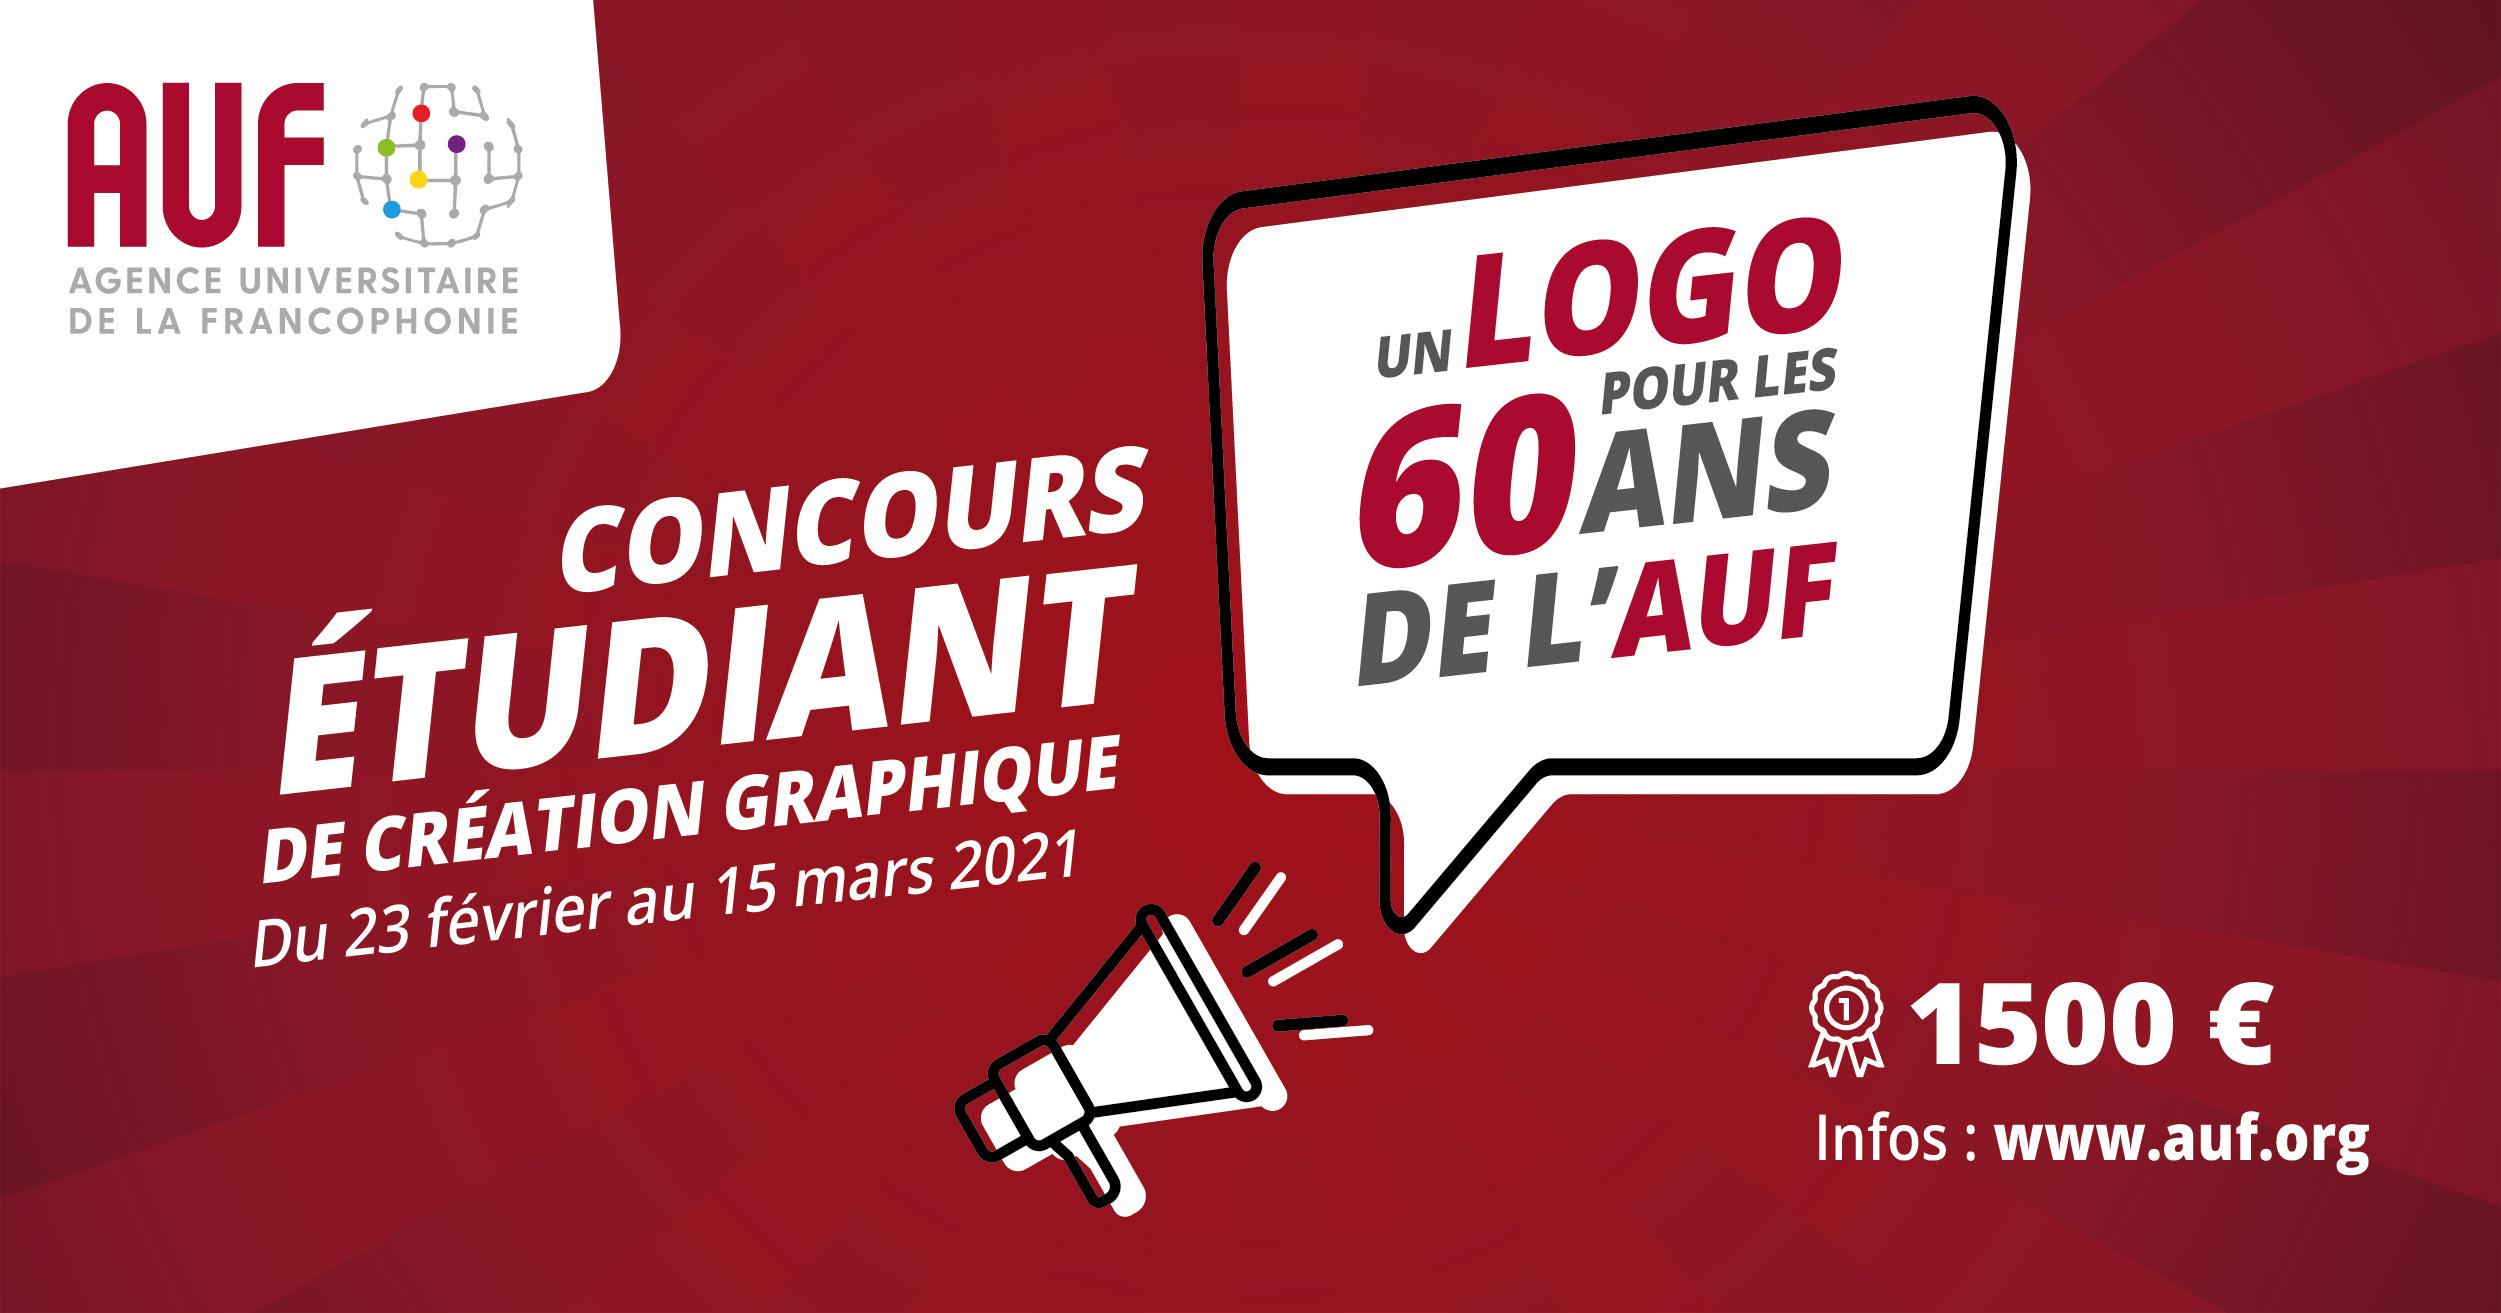 Concours étudiant de création du logo du 60ème anniversaire de l'AUF